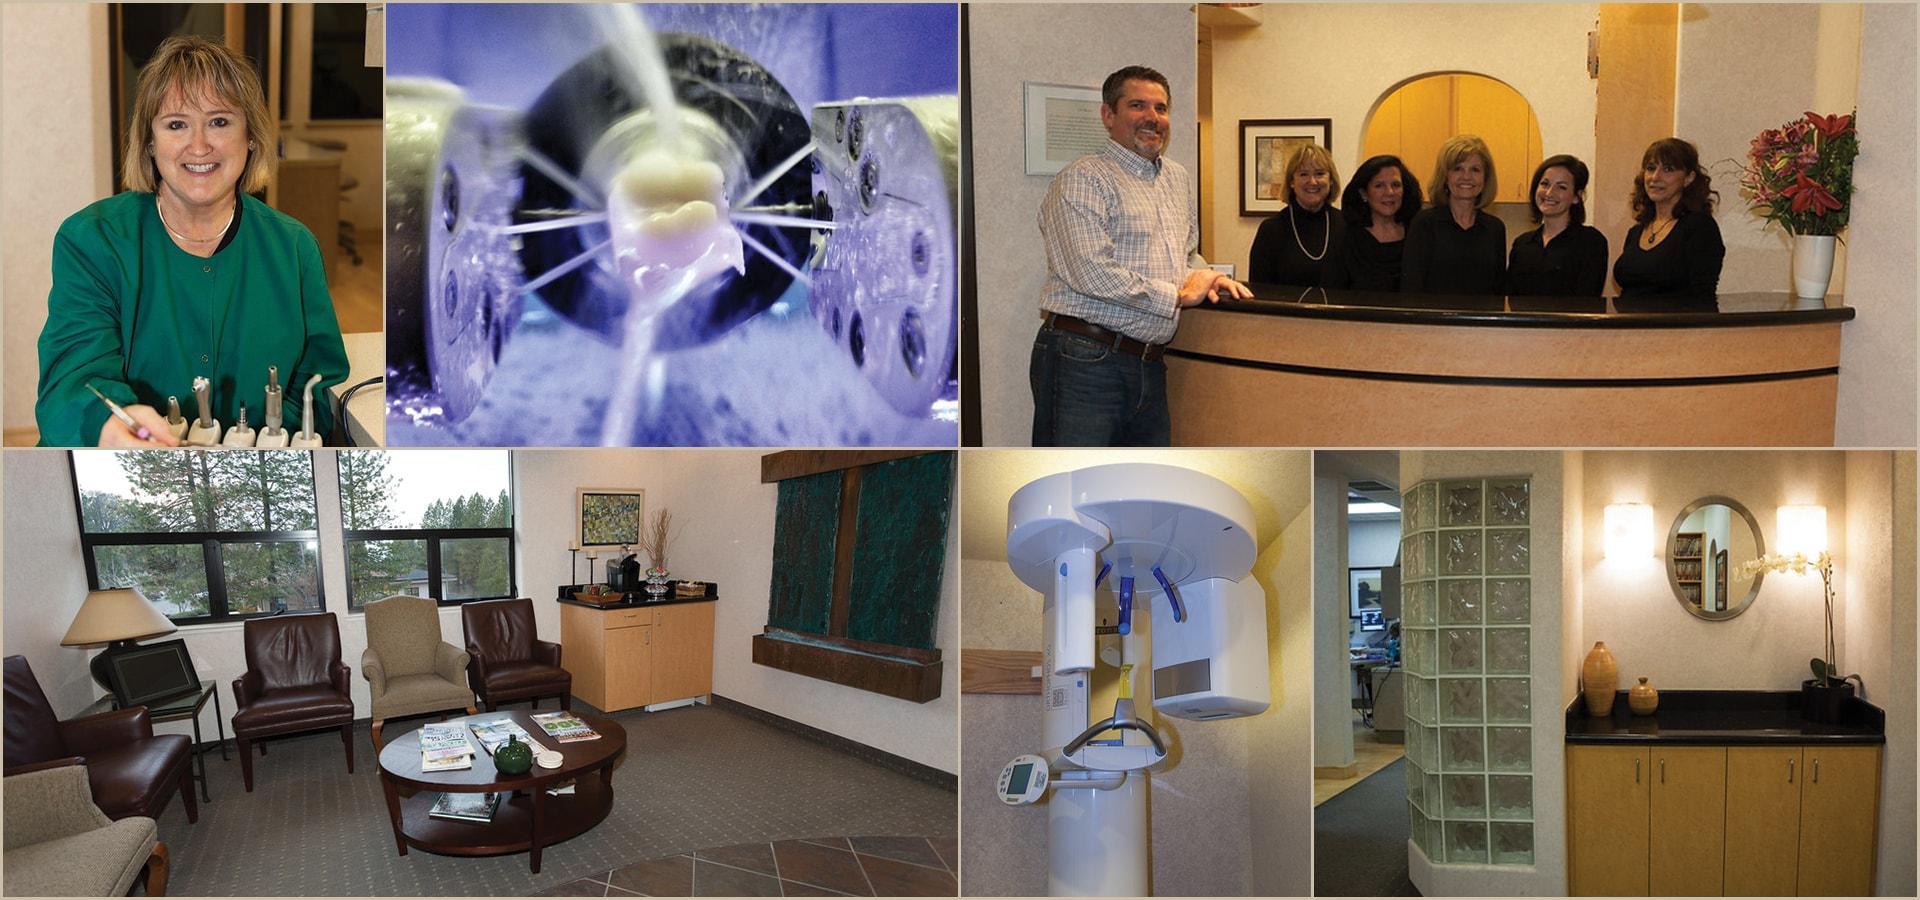 grass valley dental team office collage min